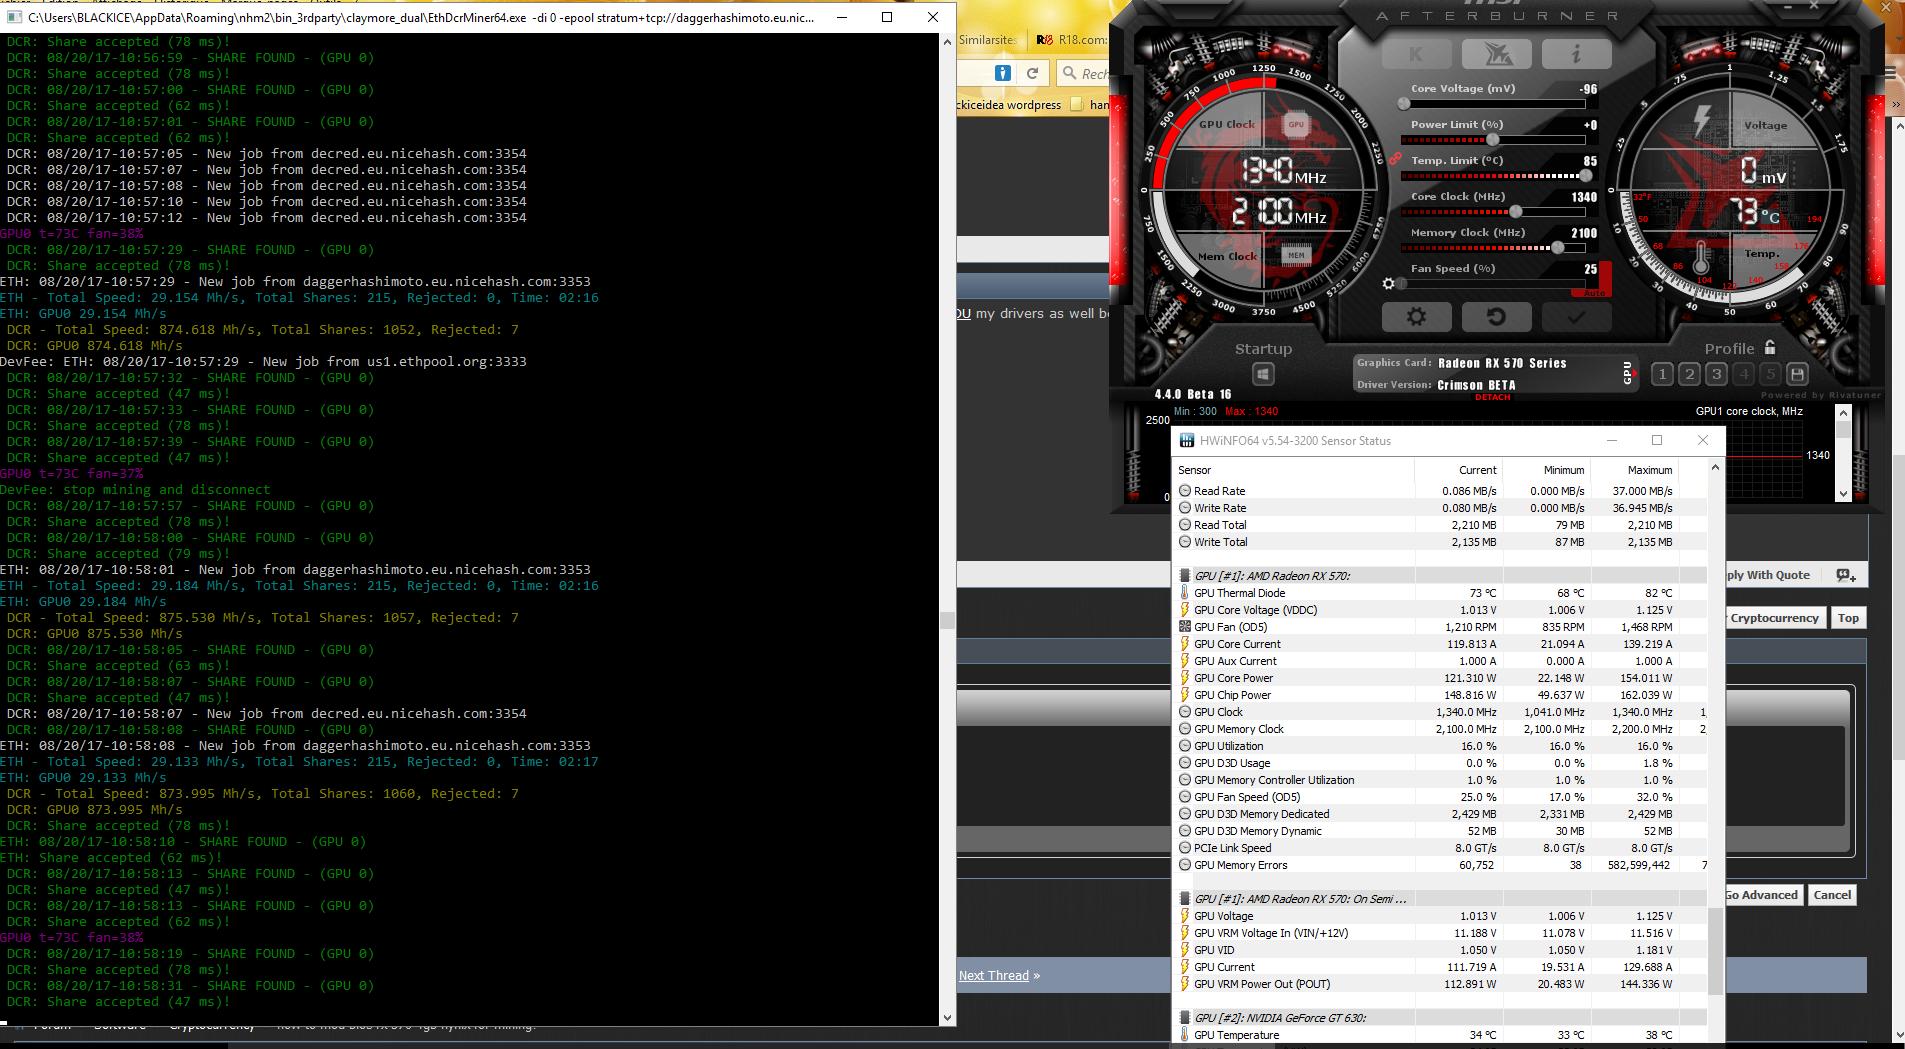 how to mod bios rx 570 4gb hynix? — Ethereum Community Forum